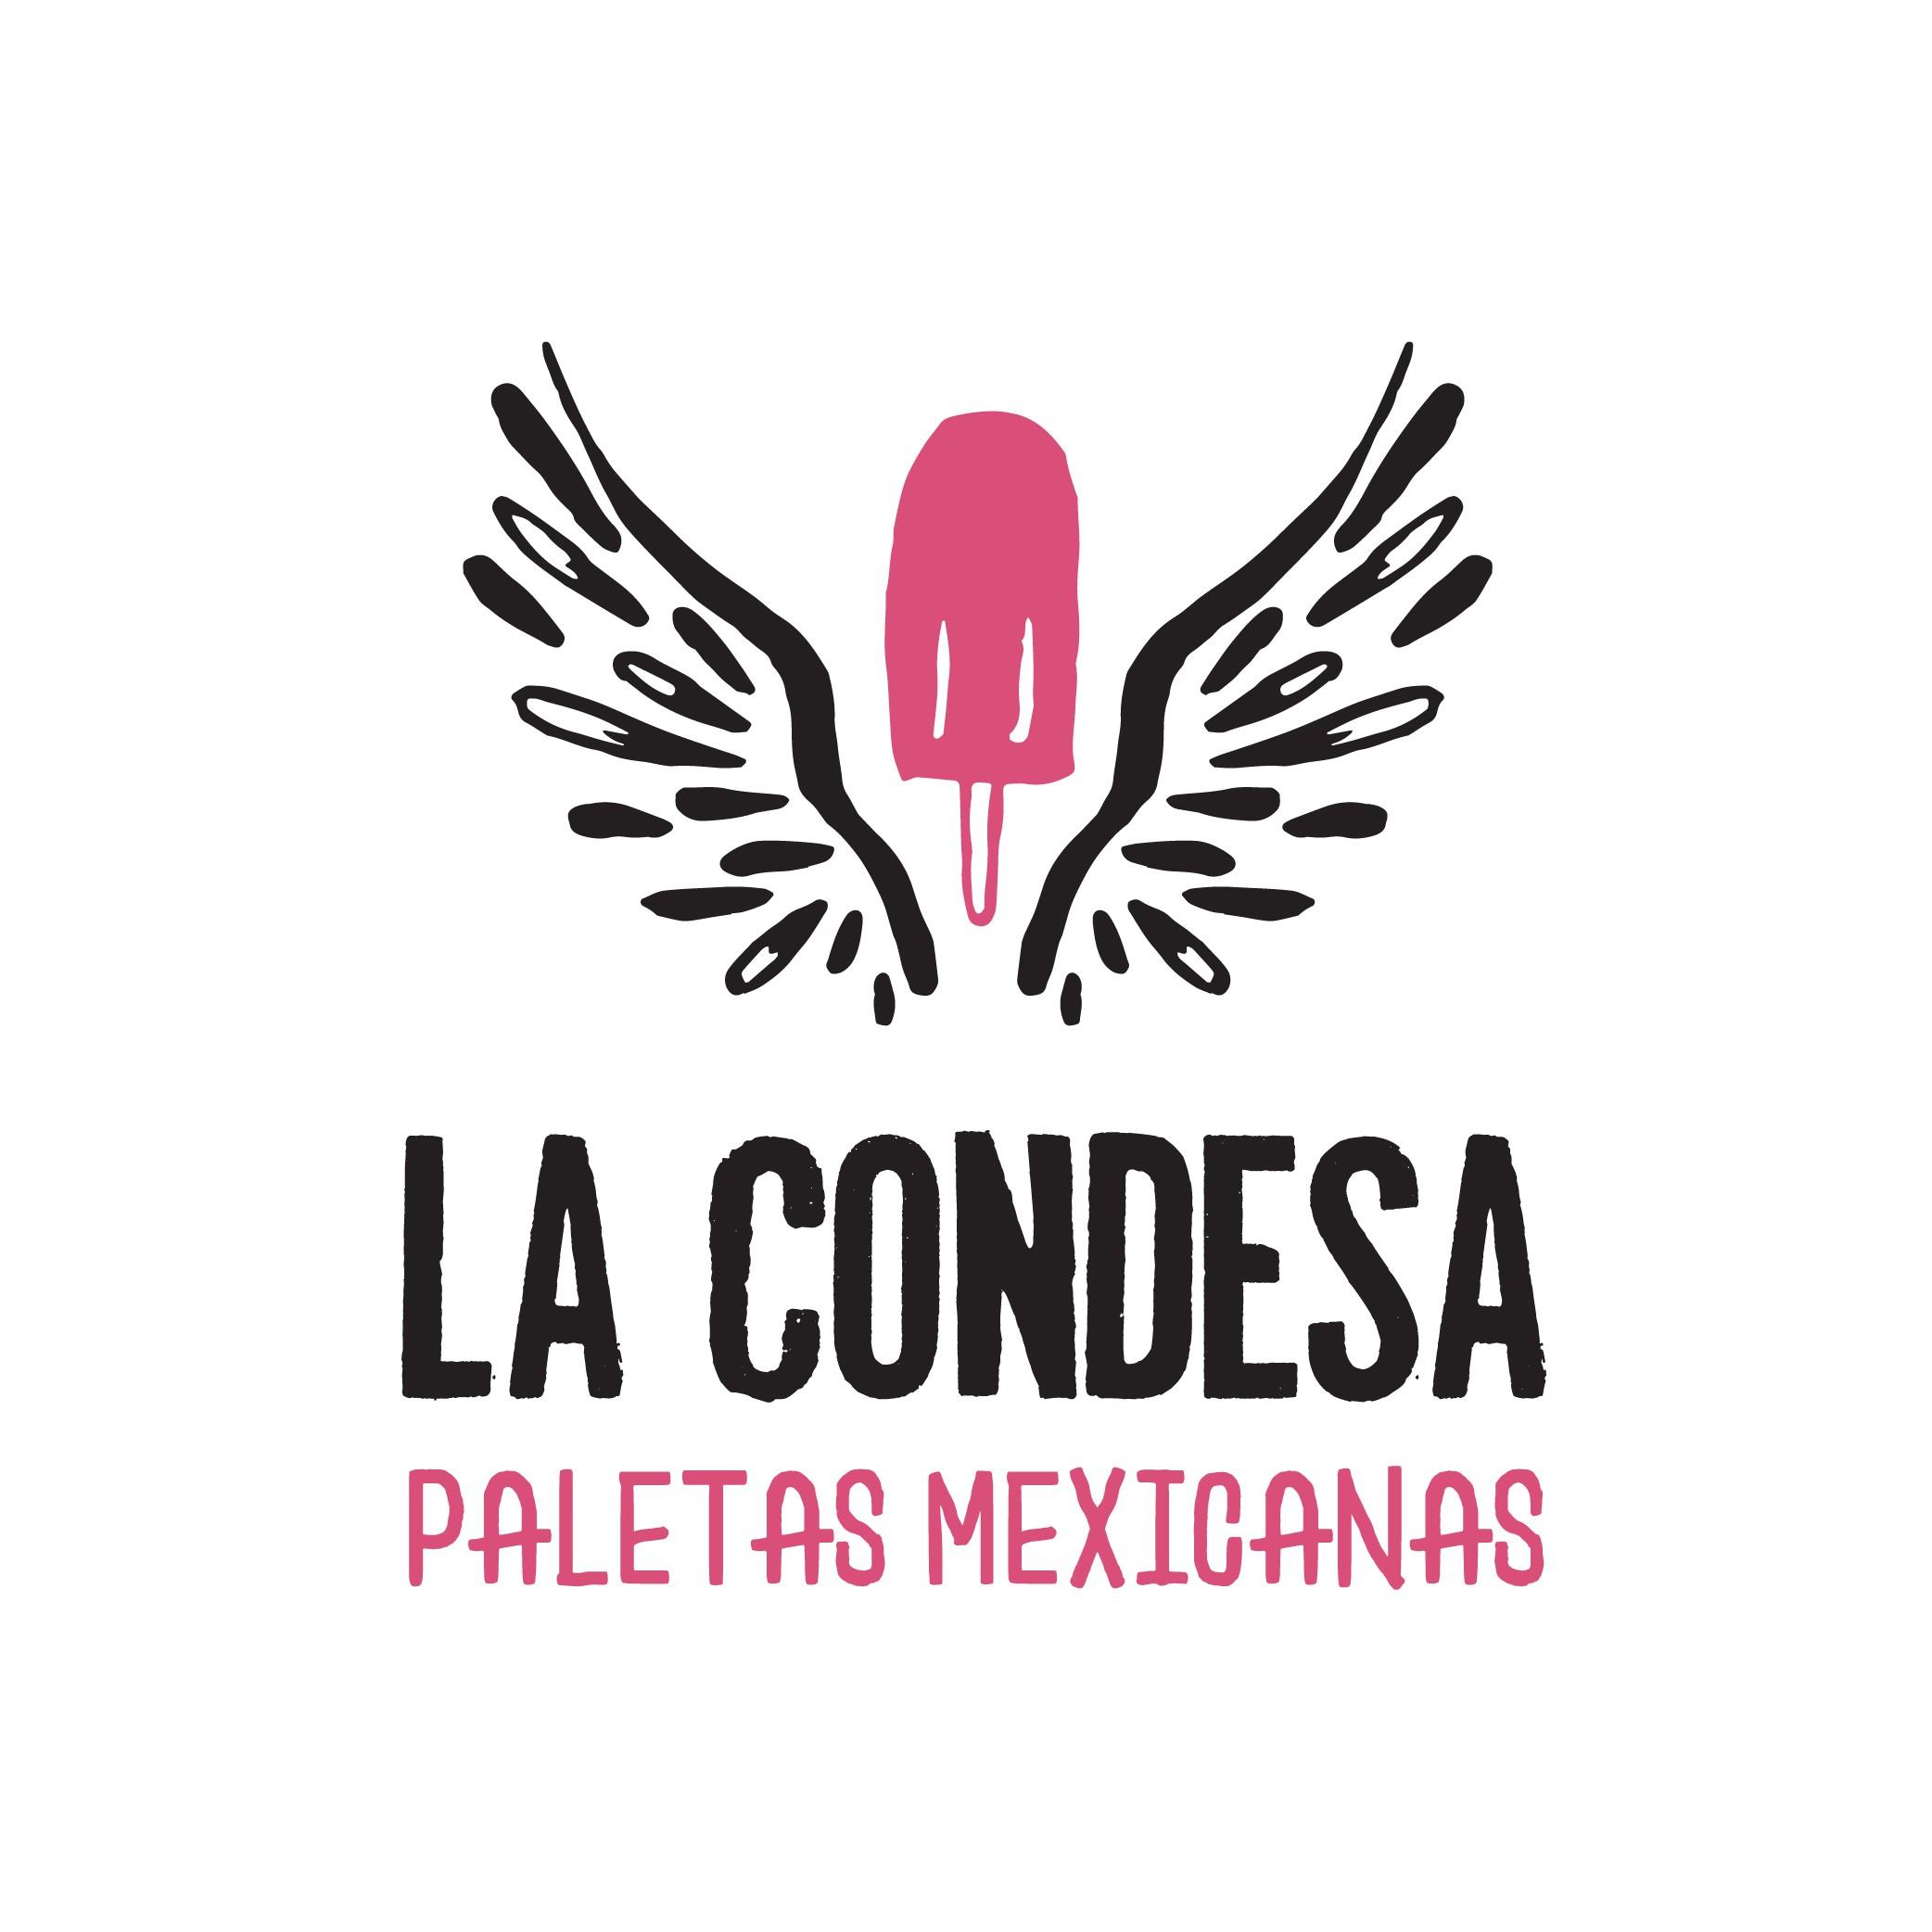 La Condesa- Paletas Mexicanas